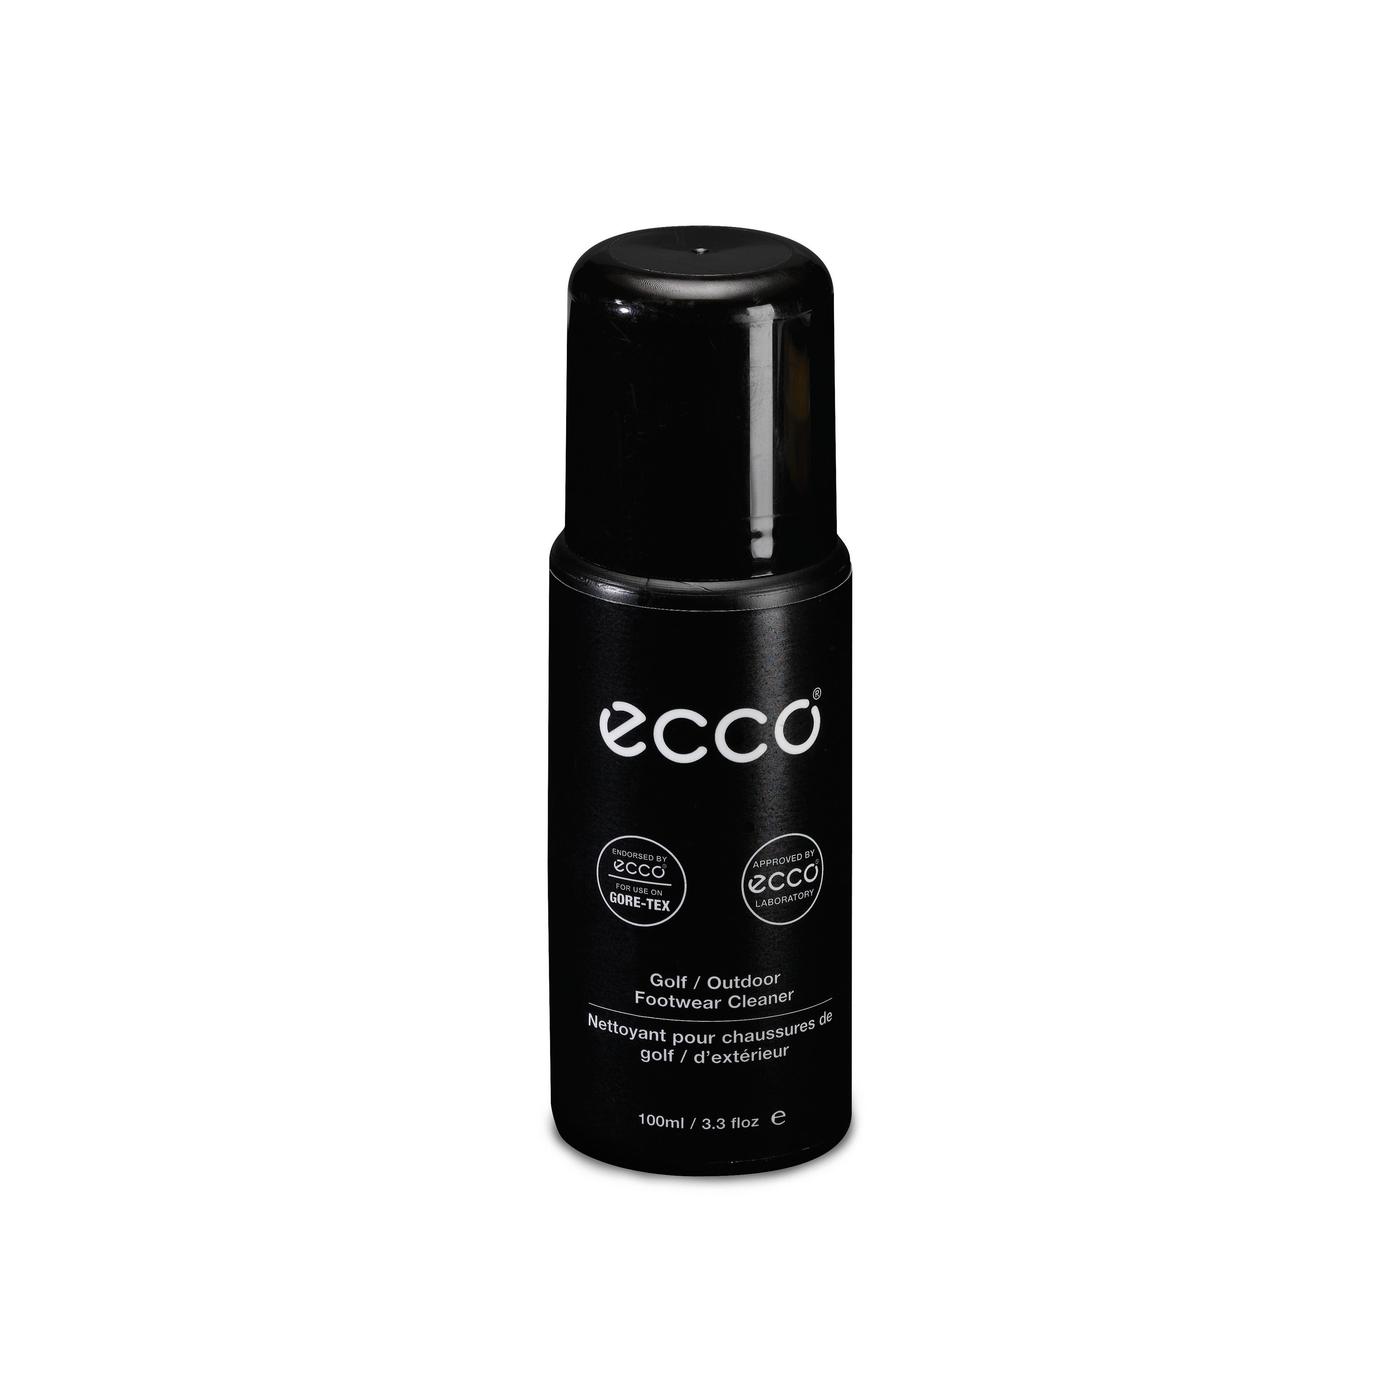 ECCO Golf-Outdoor Cleaner